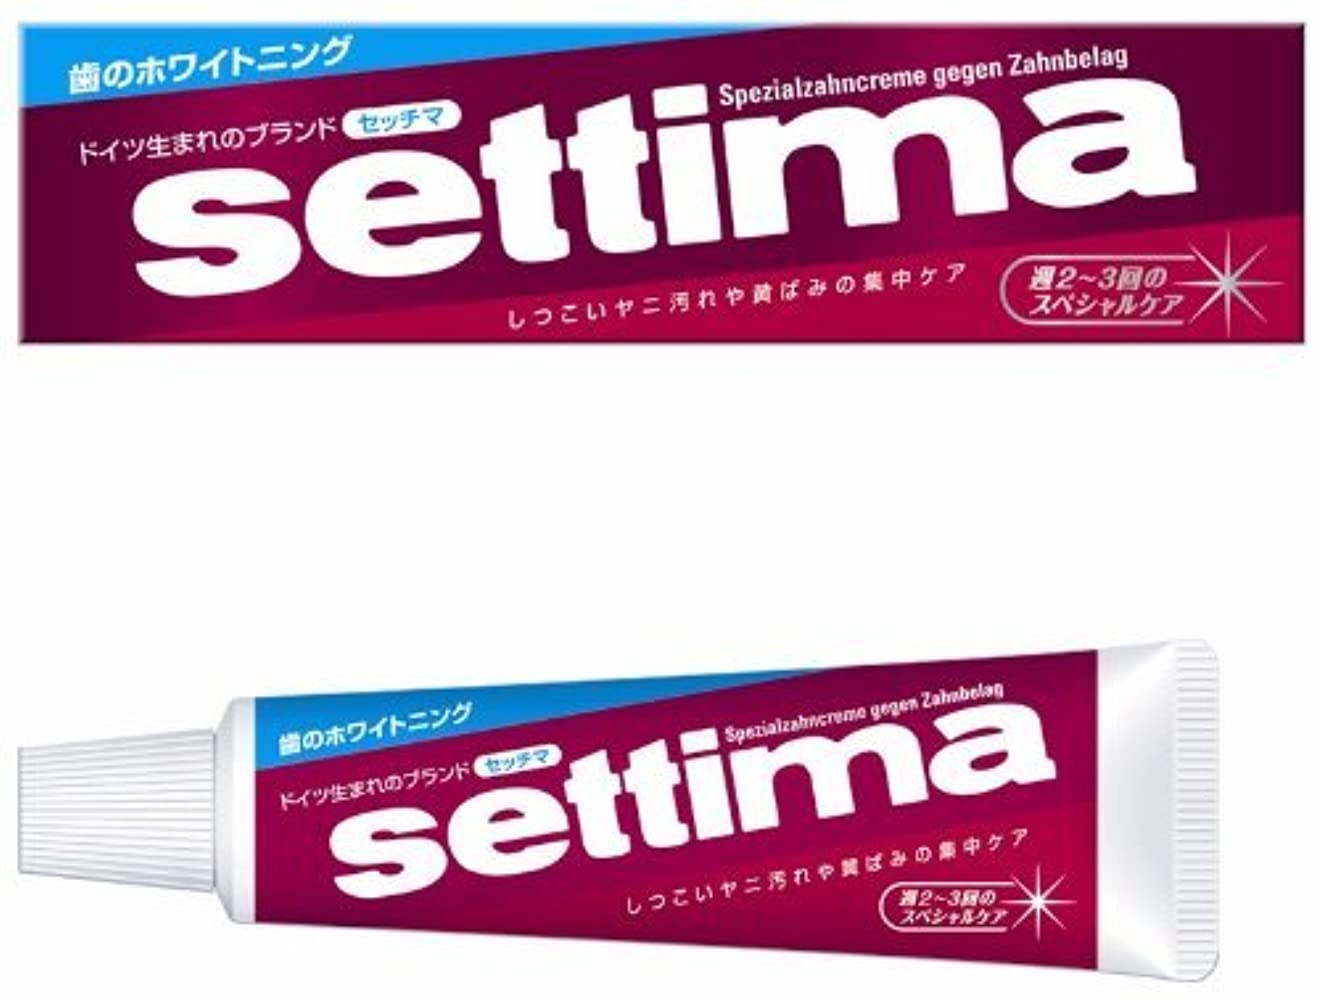 離婚バッテリー重々しいsettima(セッチマ) はみがき スペシャル (箱タイプ) 40g